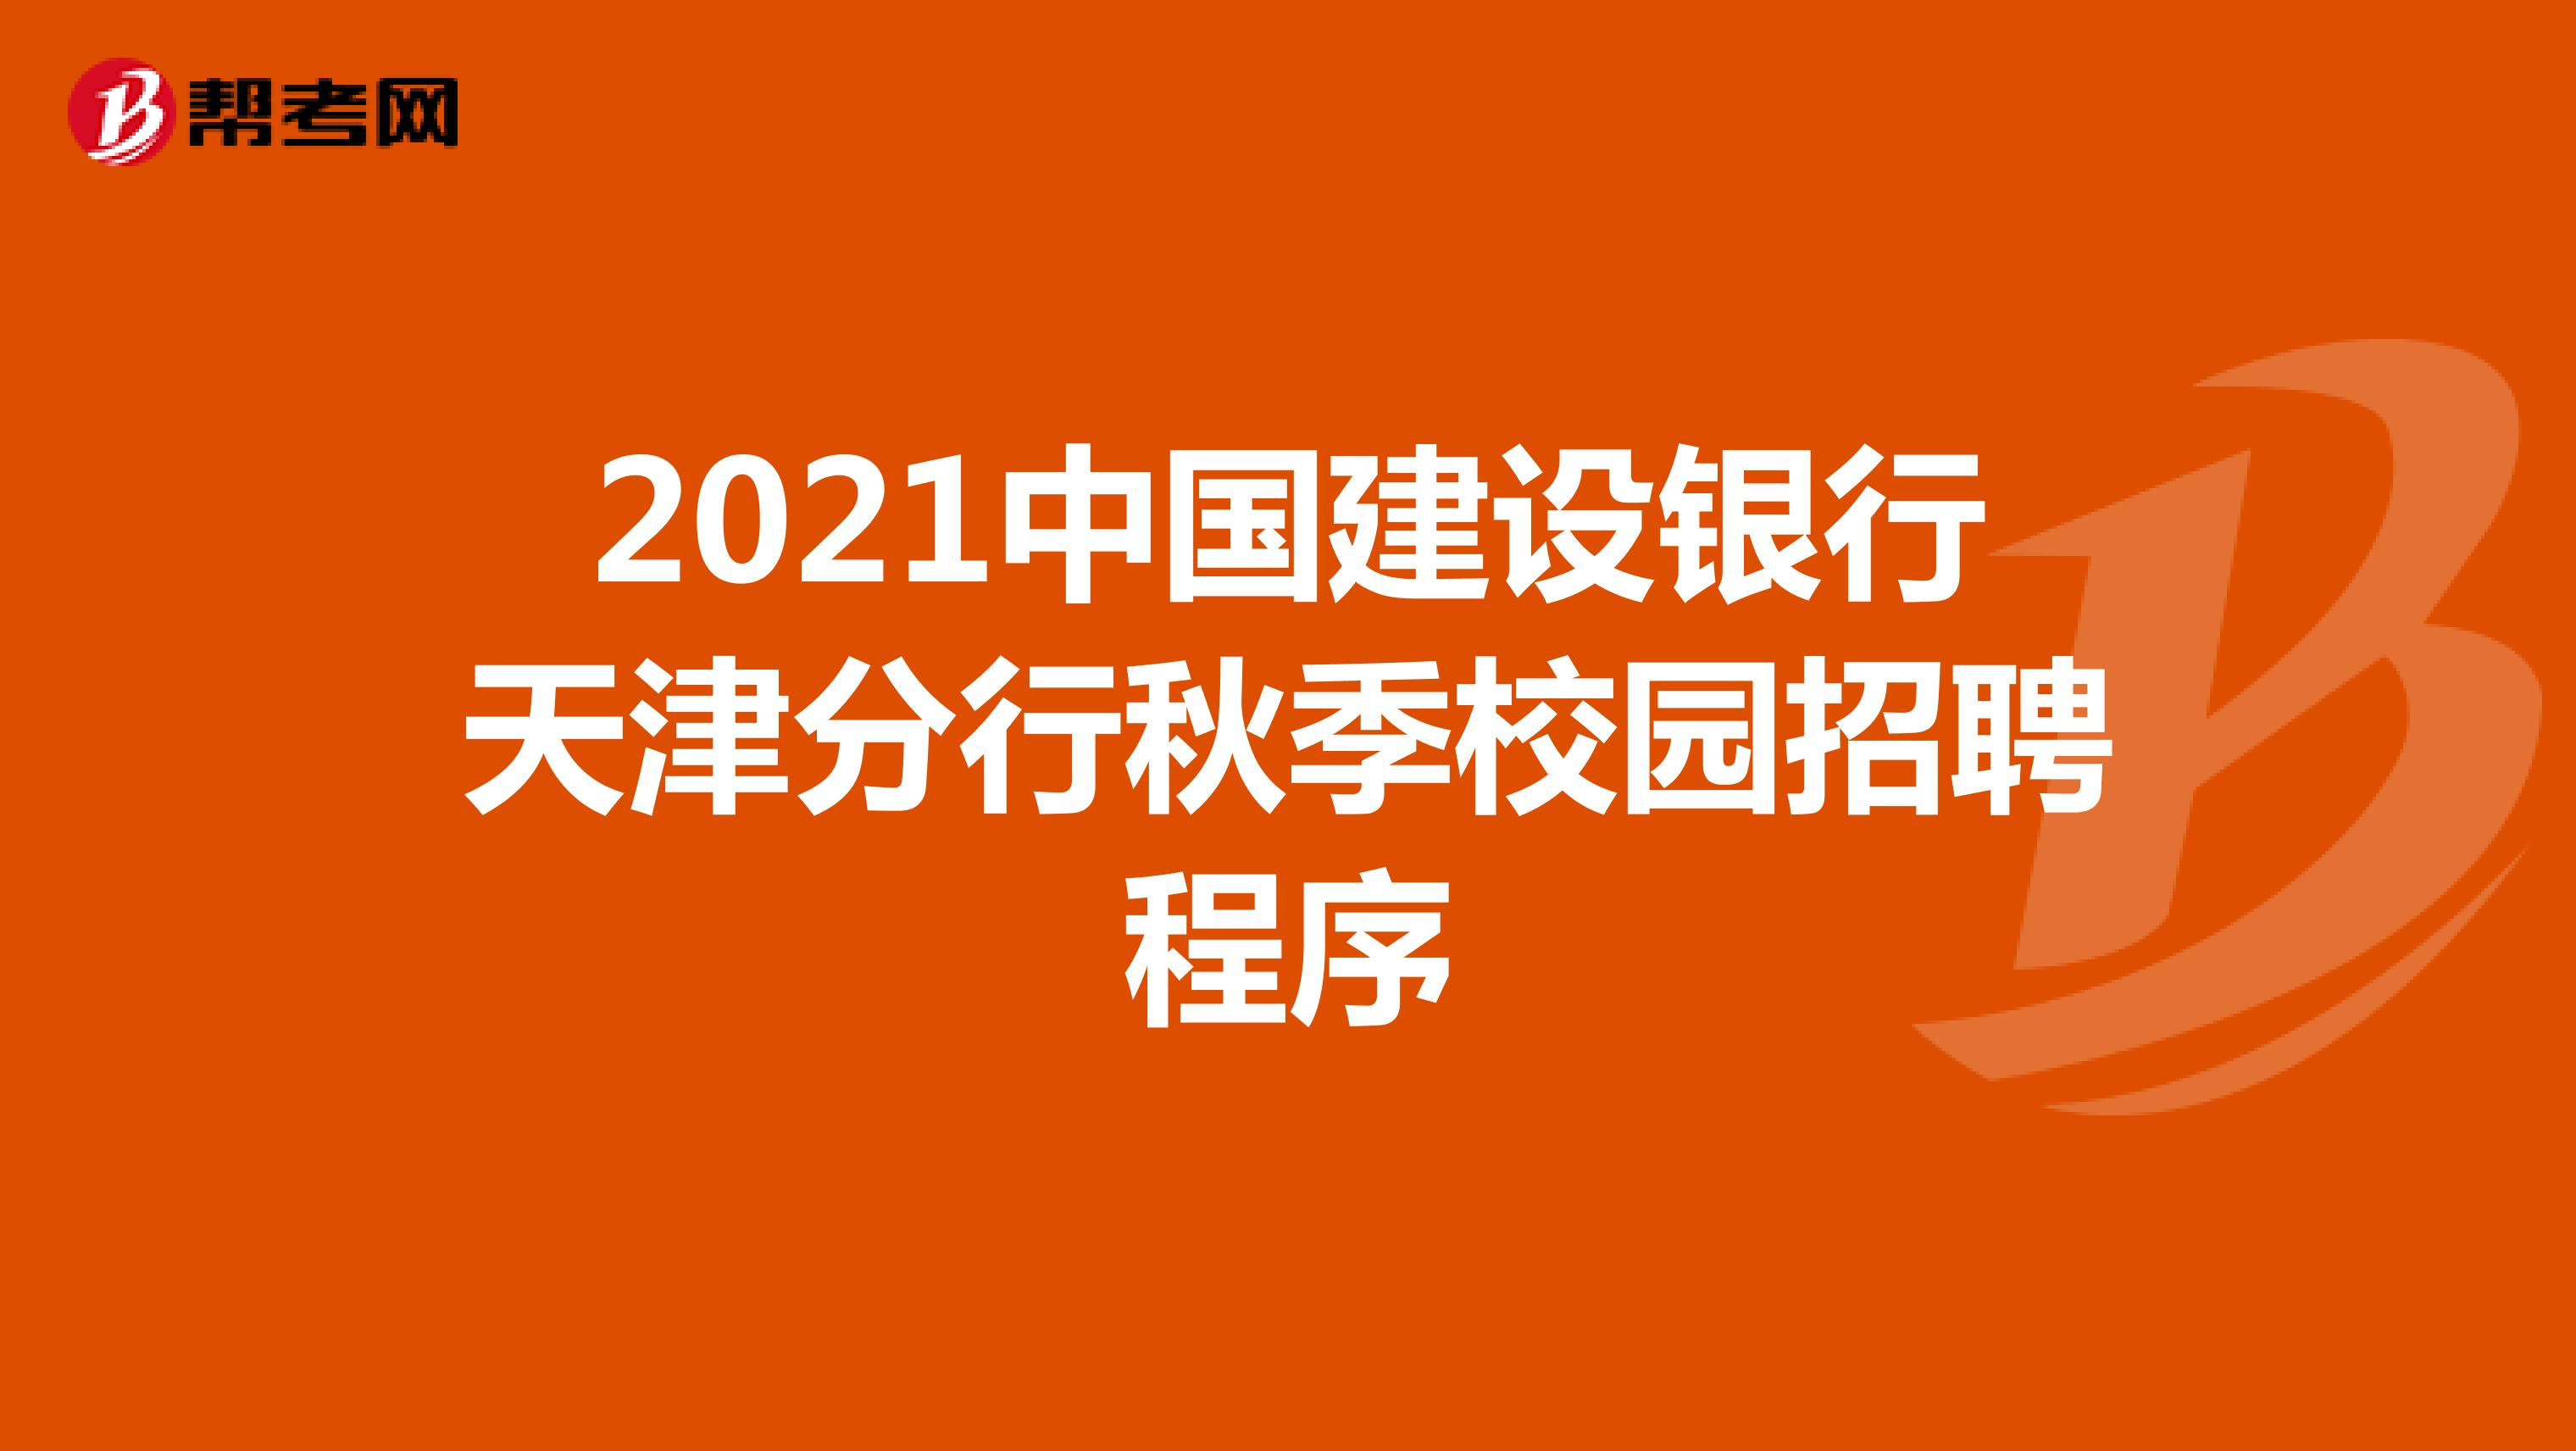 2021中国建设银行天津分行秋季校园招聘程序